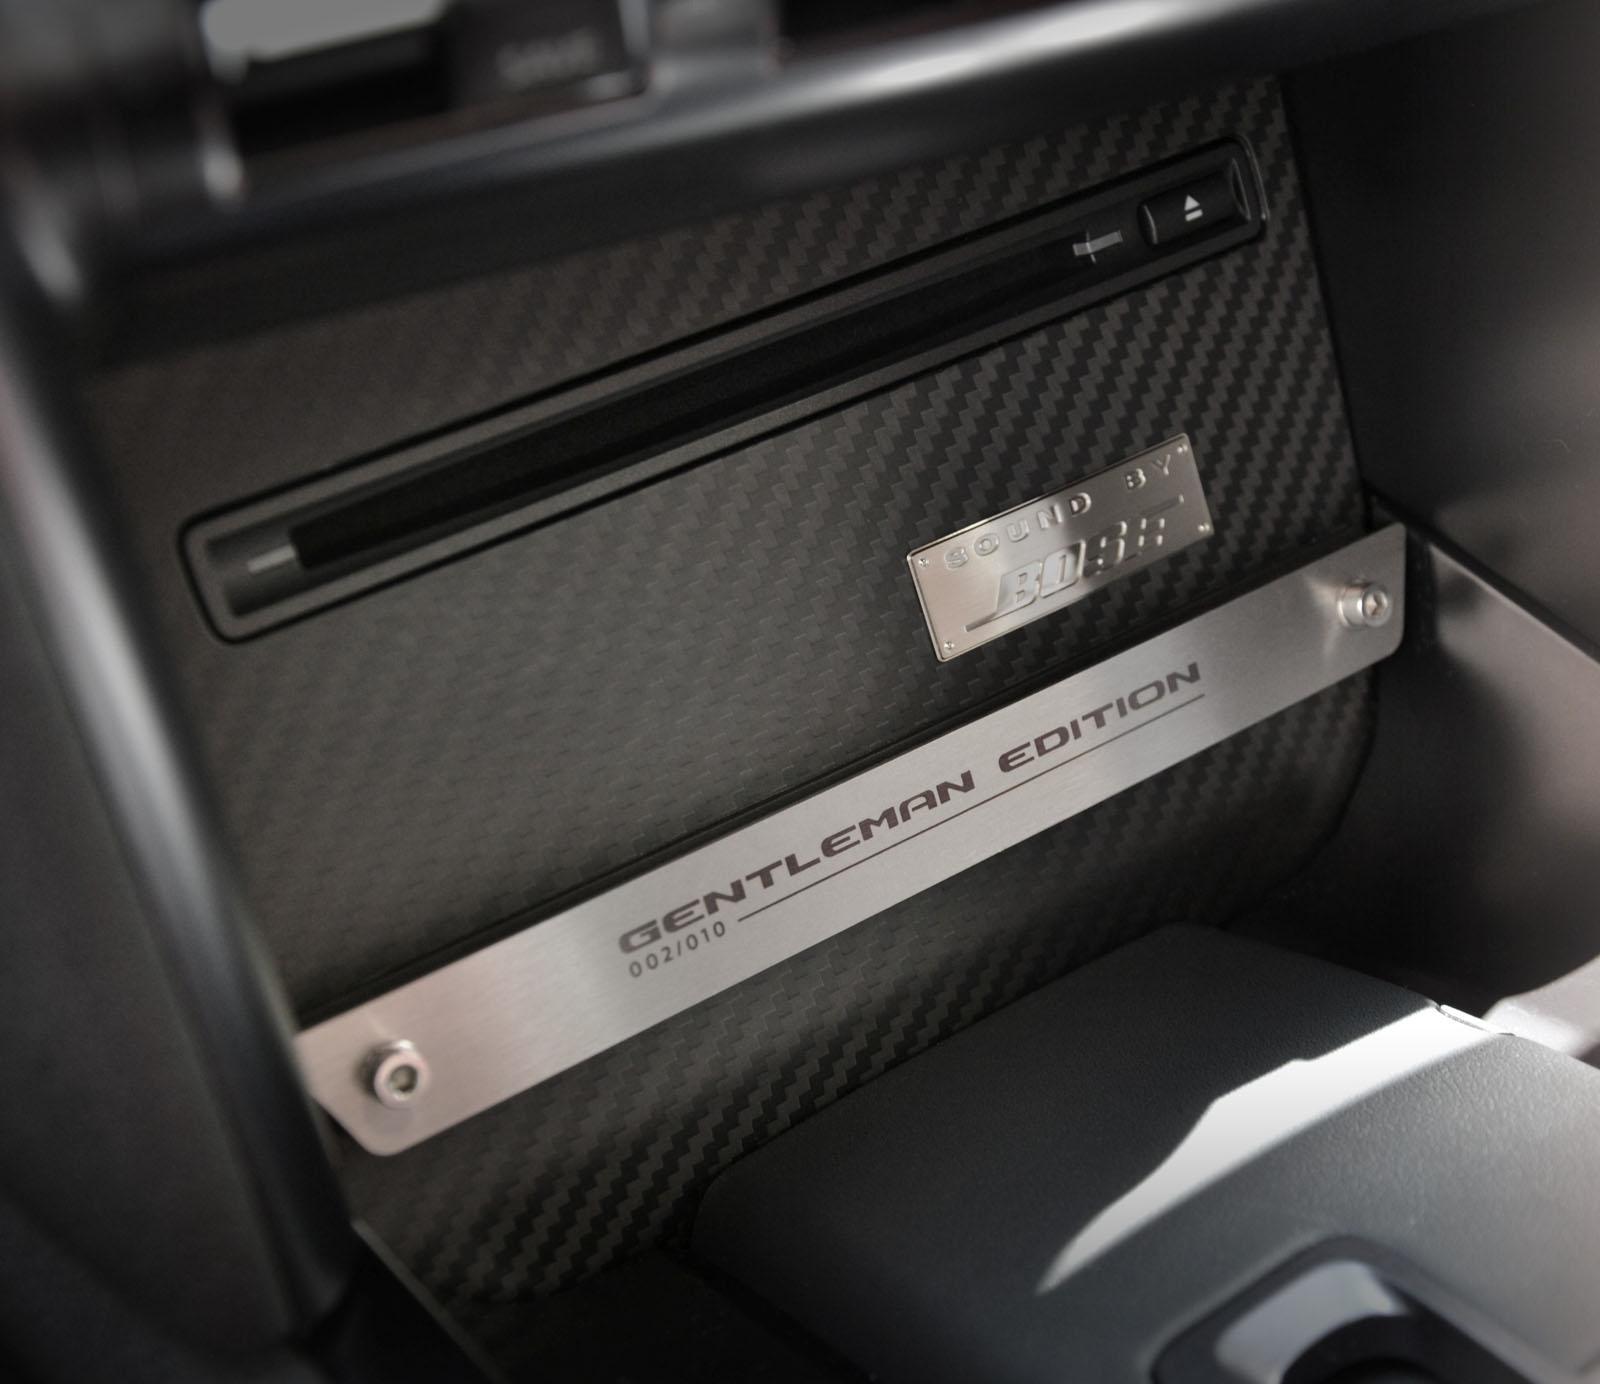 2013 Nissan Gt R Interior: Lumma Go Through The Porsche Cayenne Range